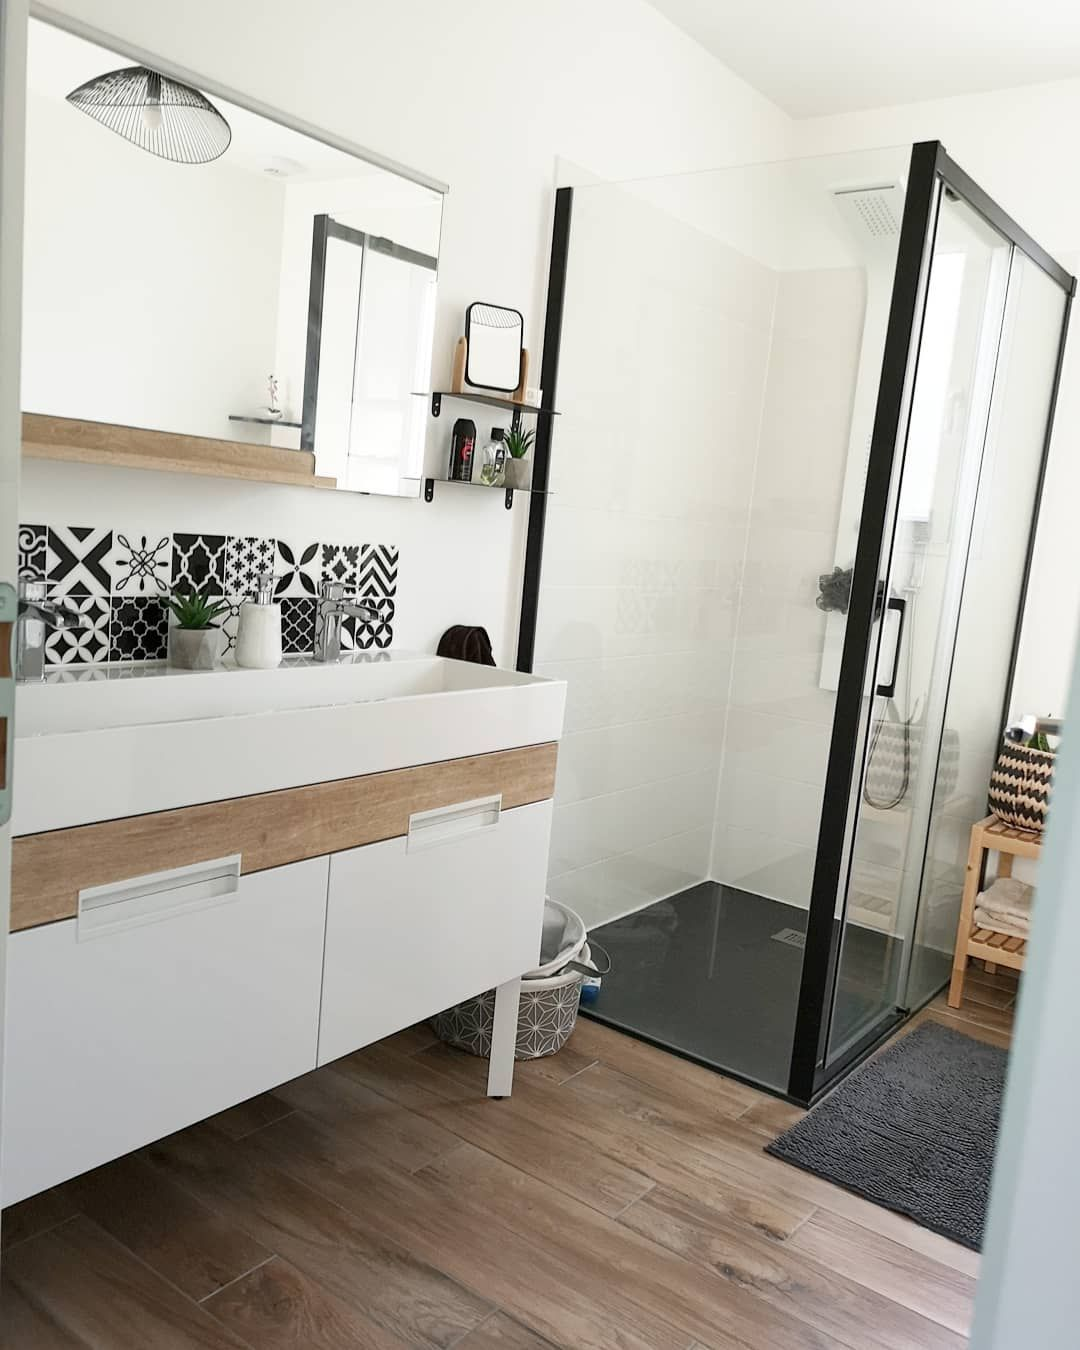 Salle de bain 🛀 . Notre salle de bain fait 8m2, il y a double ...